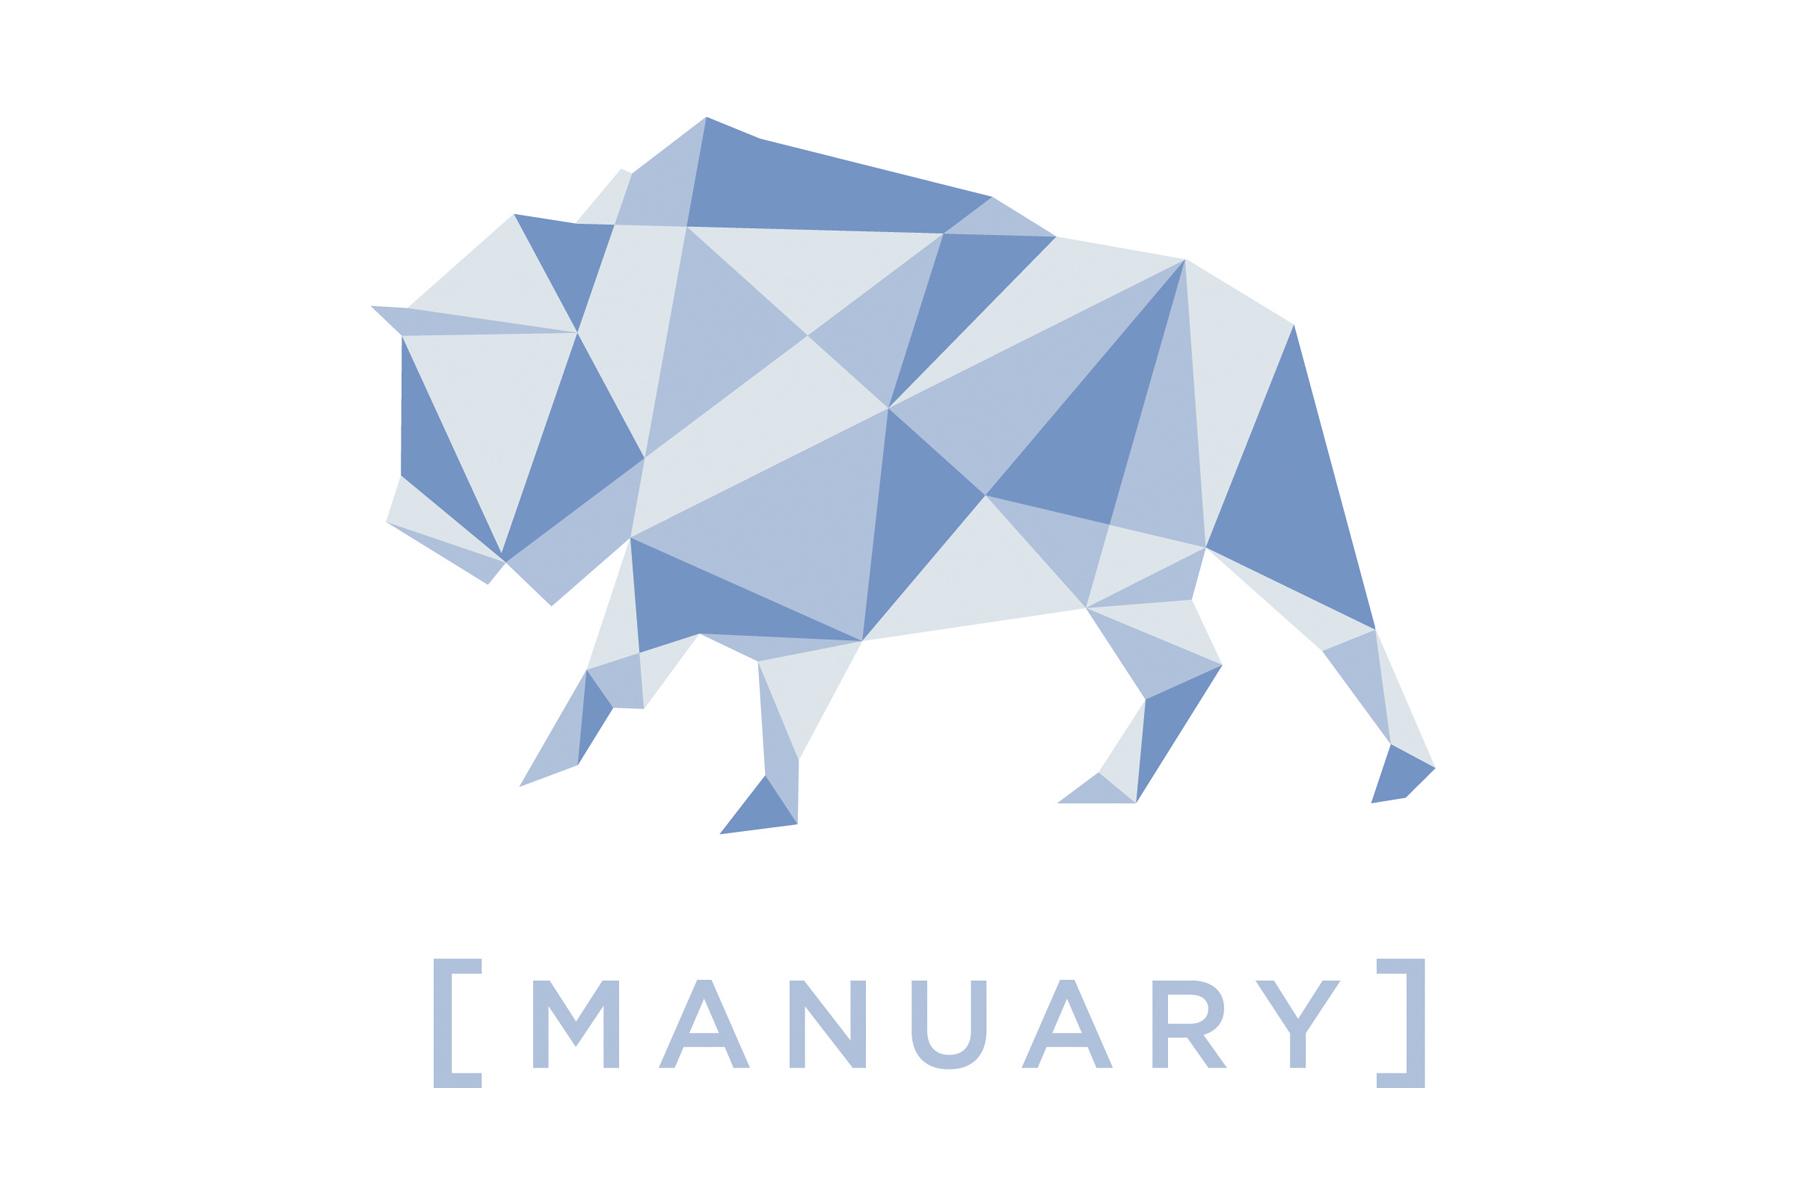 Manuary